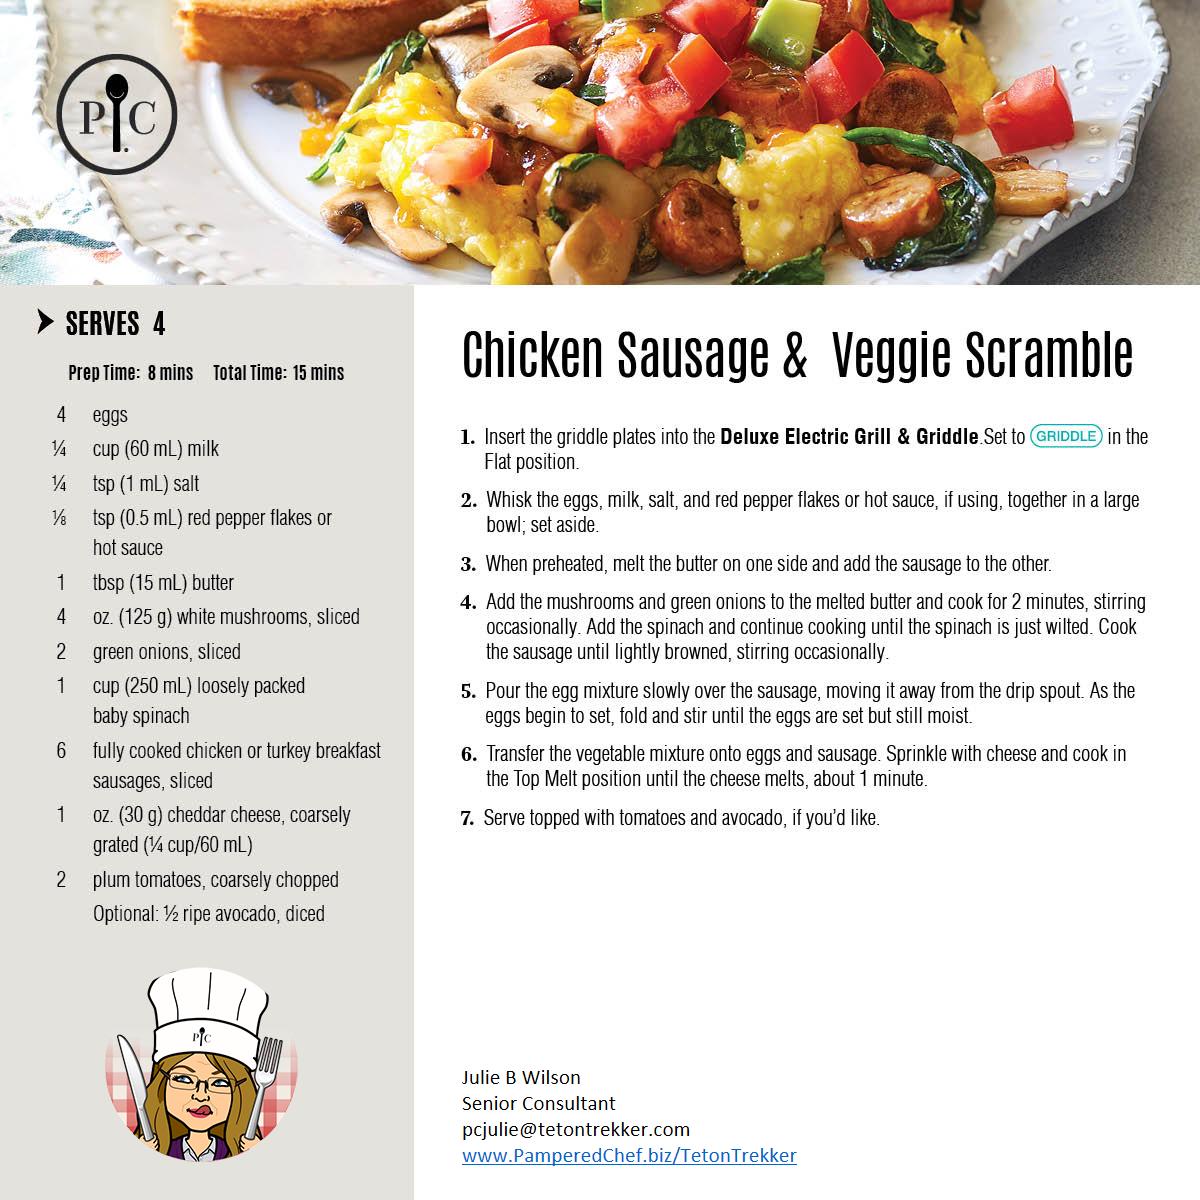 Chicken-Sausage-Vegie-Scramble